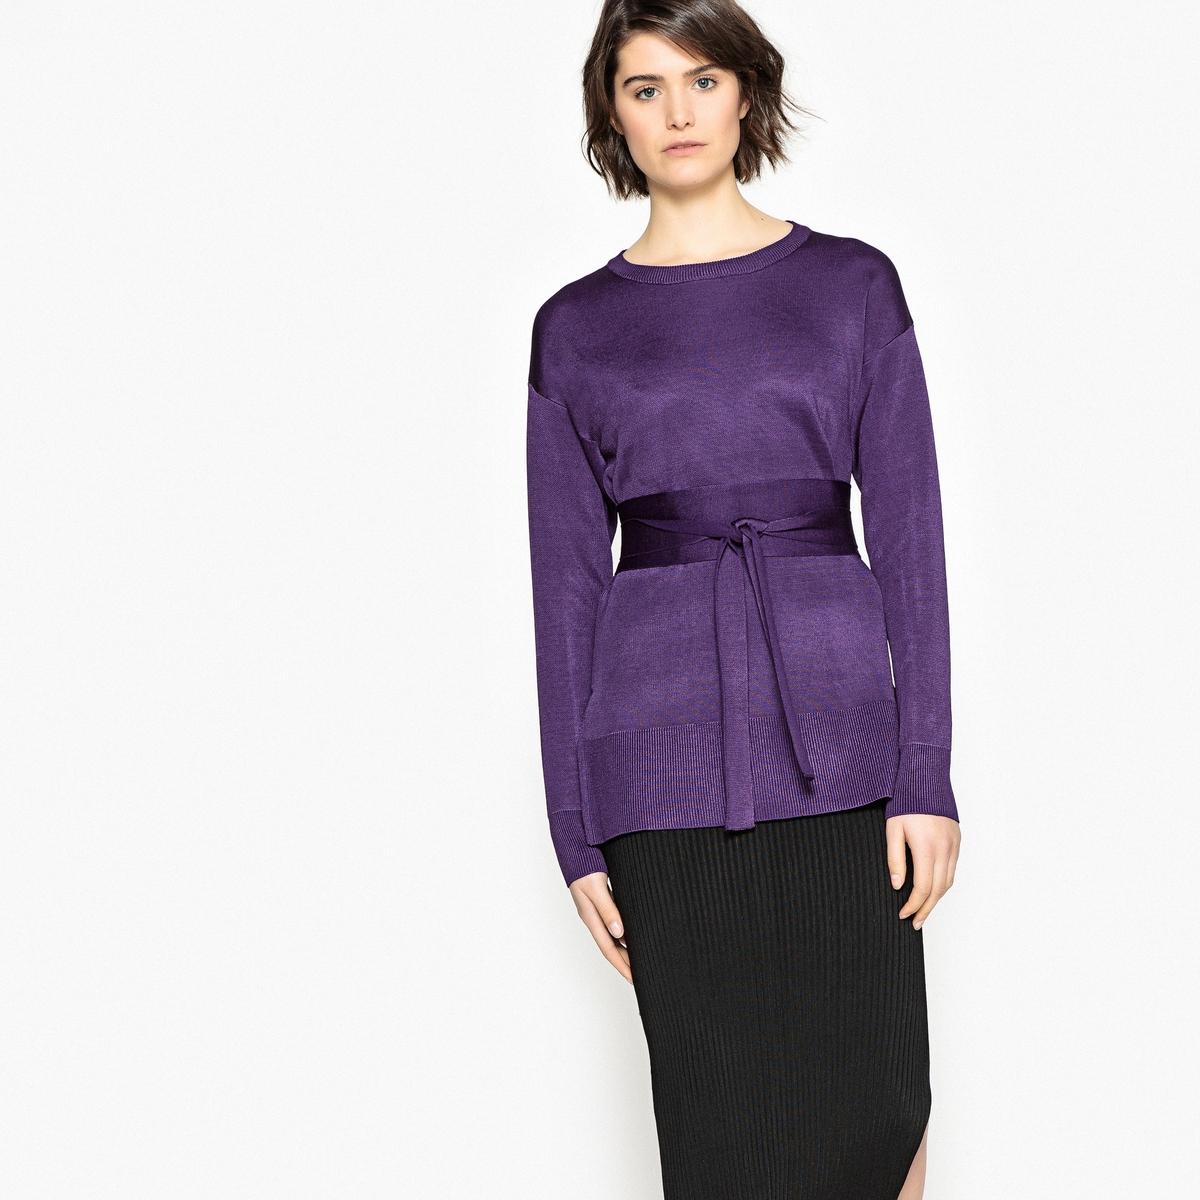 Пуловер La Redoute С круглым вырезом и поясом S фиолетовый свитшот la redoute с круглым вырезом и вышивкой s черный